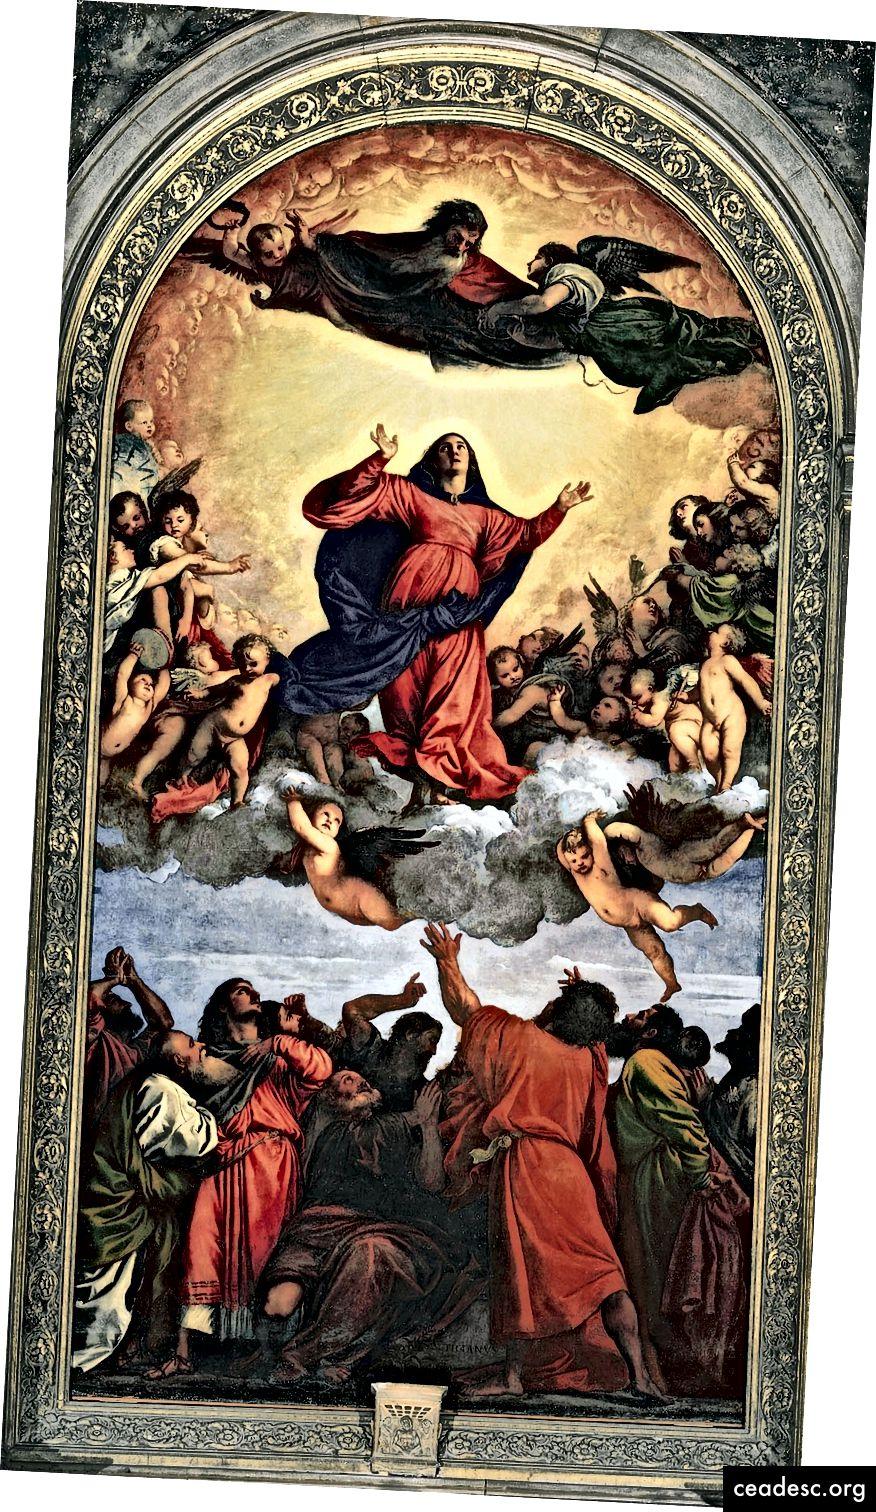 «Assomption de la Vierge» de Titian, 1516-1518, via Wikimedia Commons